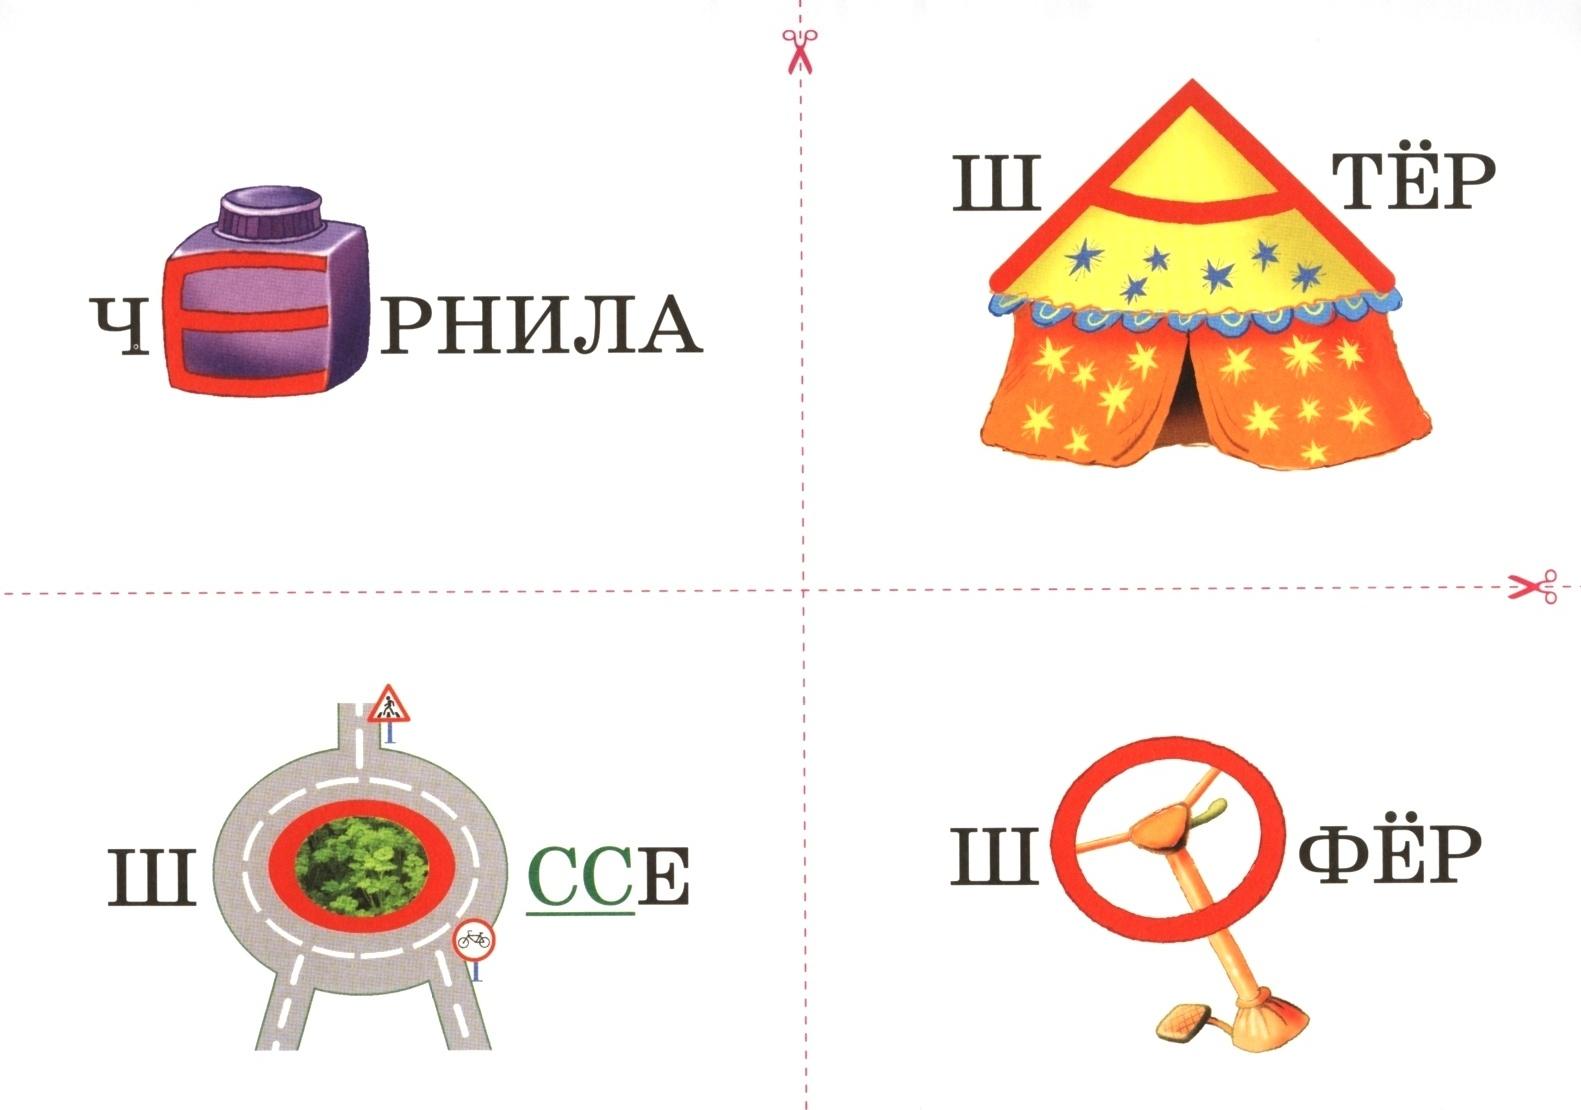 карточки с картинками для заучивания слов оставшихся светодиодов можете